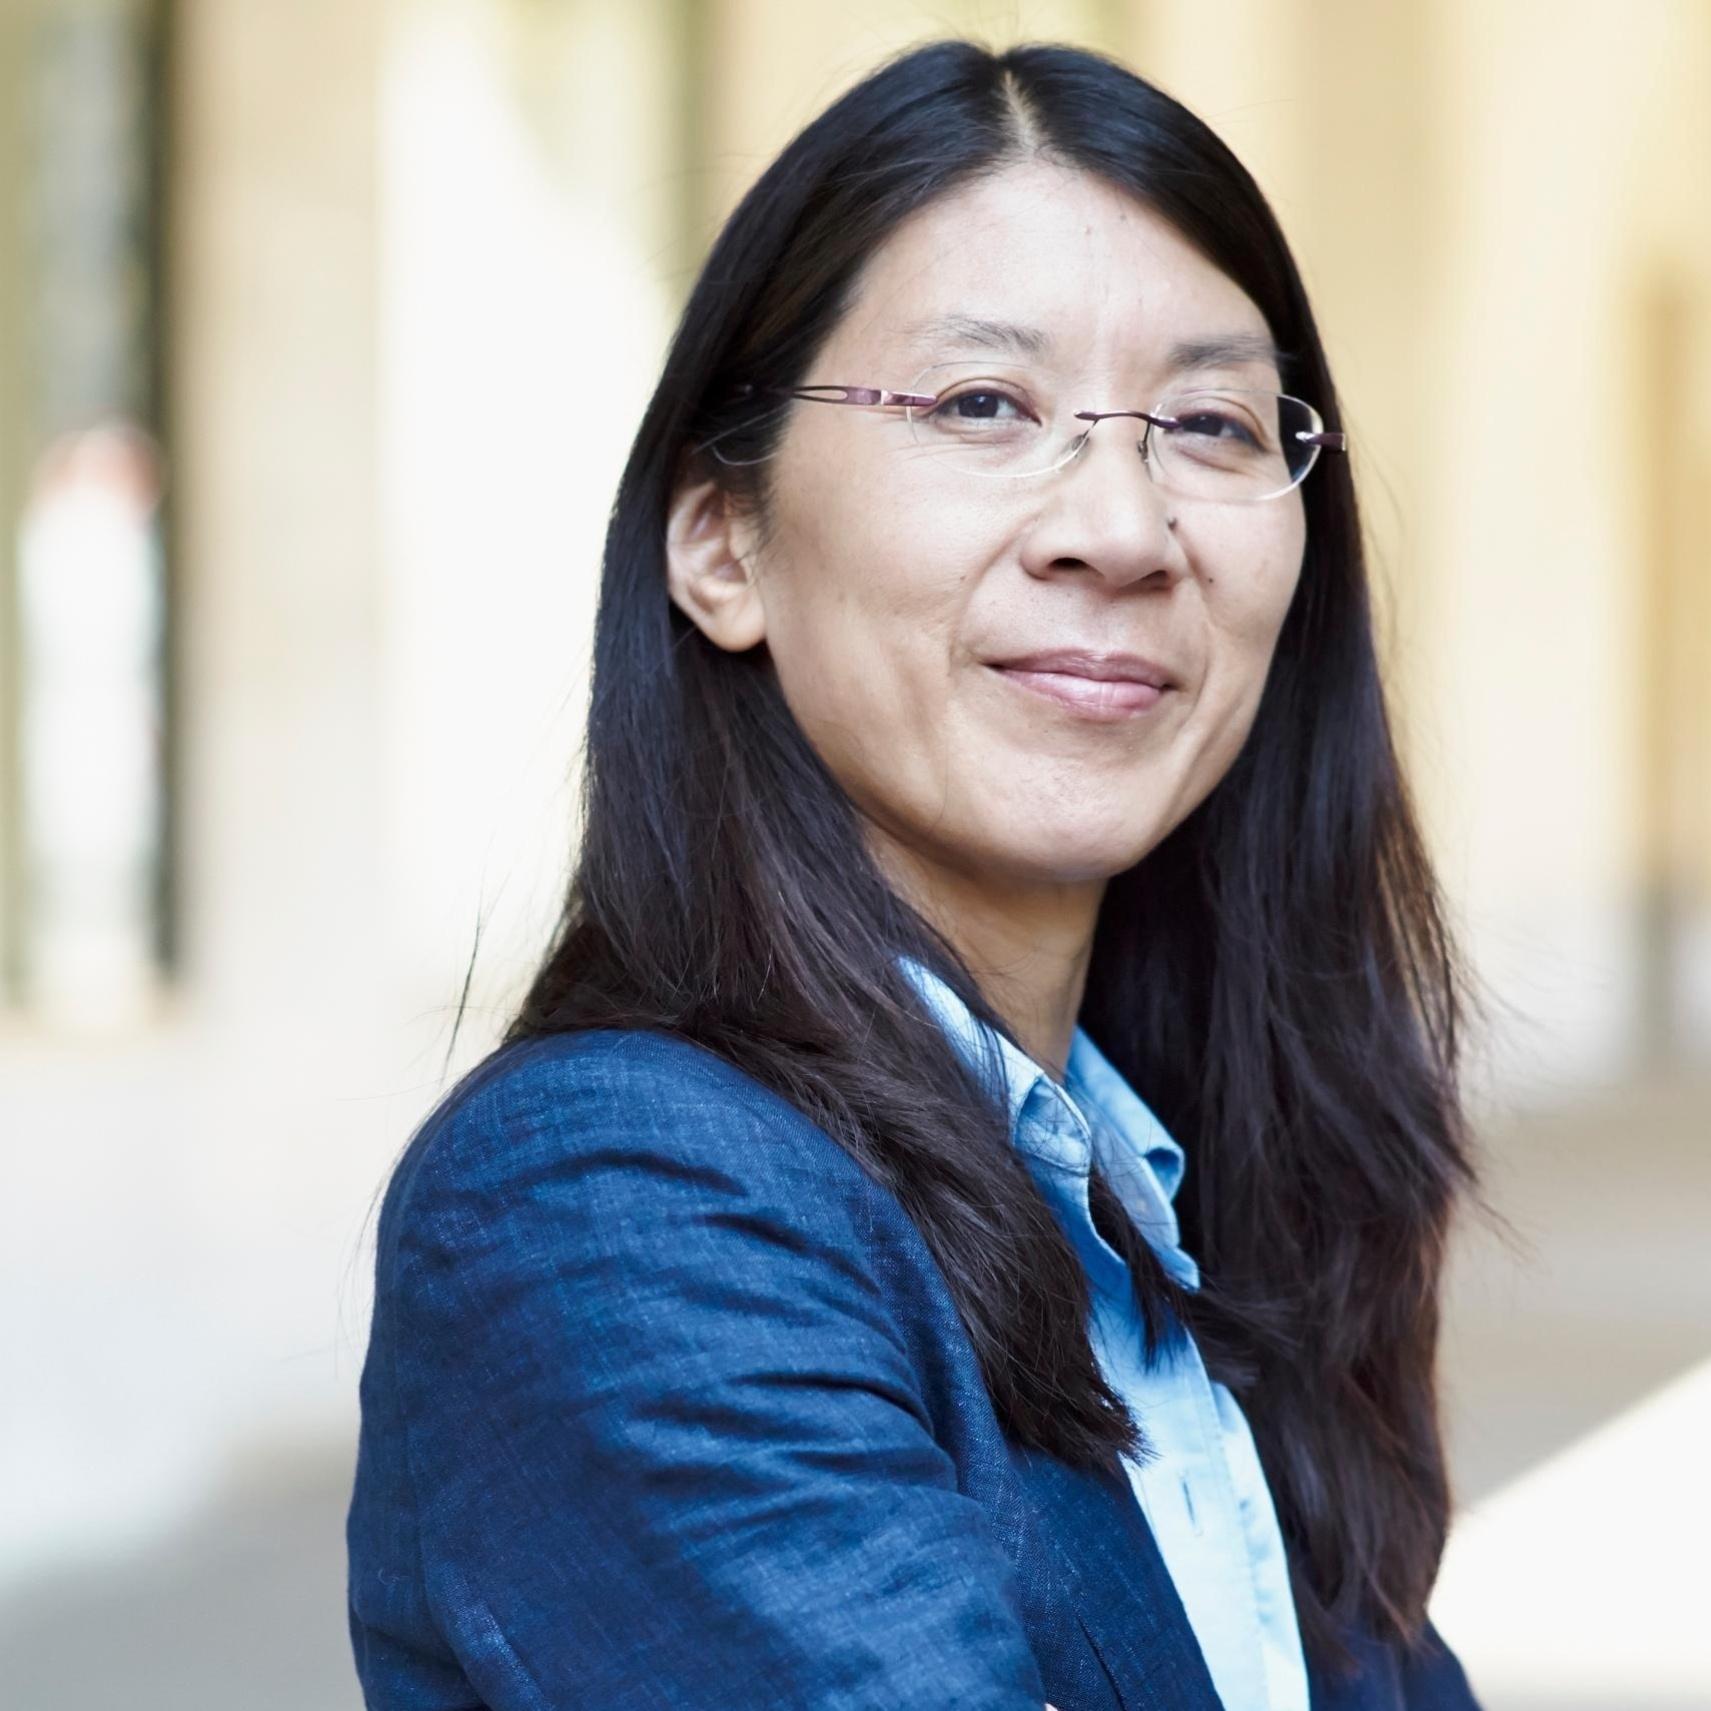 13.dez.2014 - A canadense Joanne Liu é atualmente a presidente da organização sem fins lucrativos Médicos Sem Fronteiras. Ela foi reconhecida entre as Mulheres de 2014 na lista do britânico